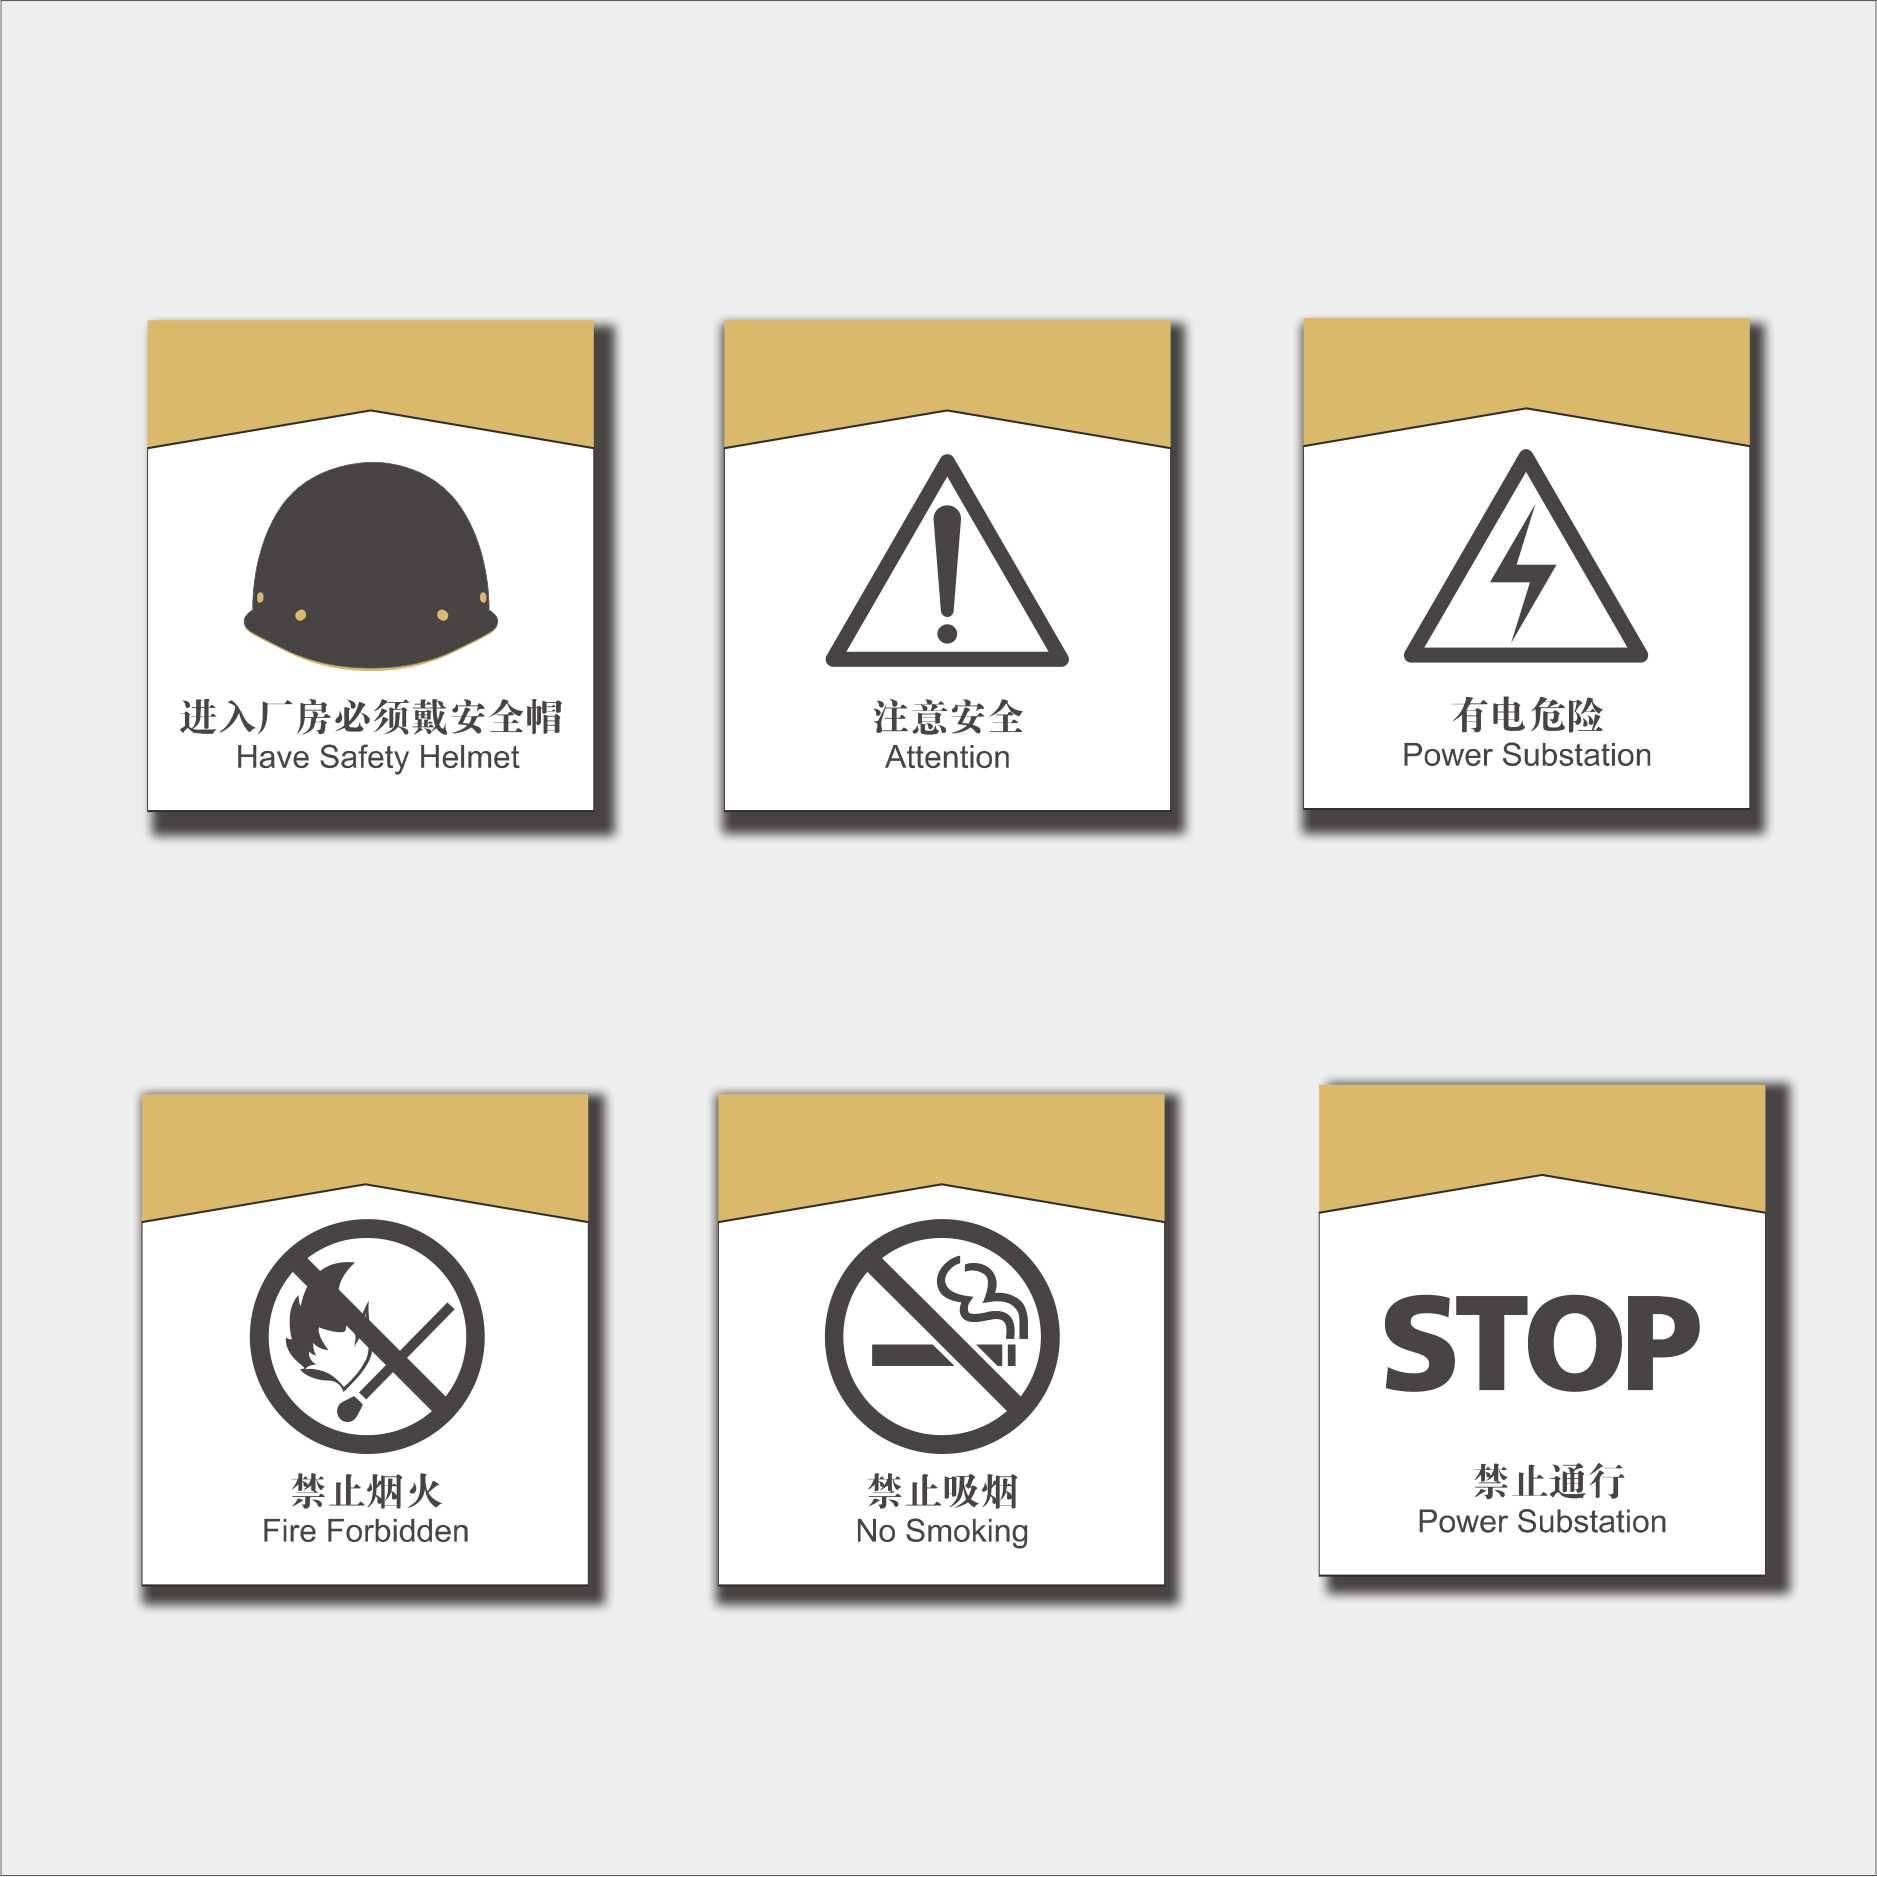 公共环境常用标识系统